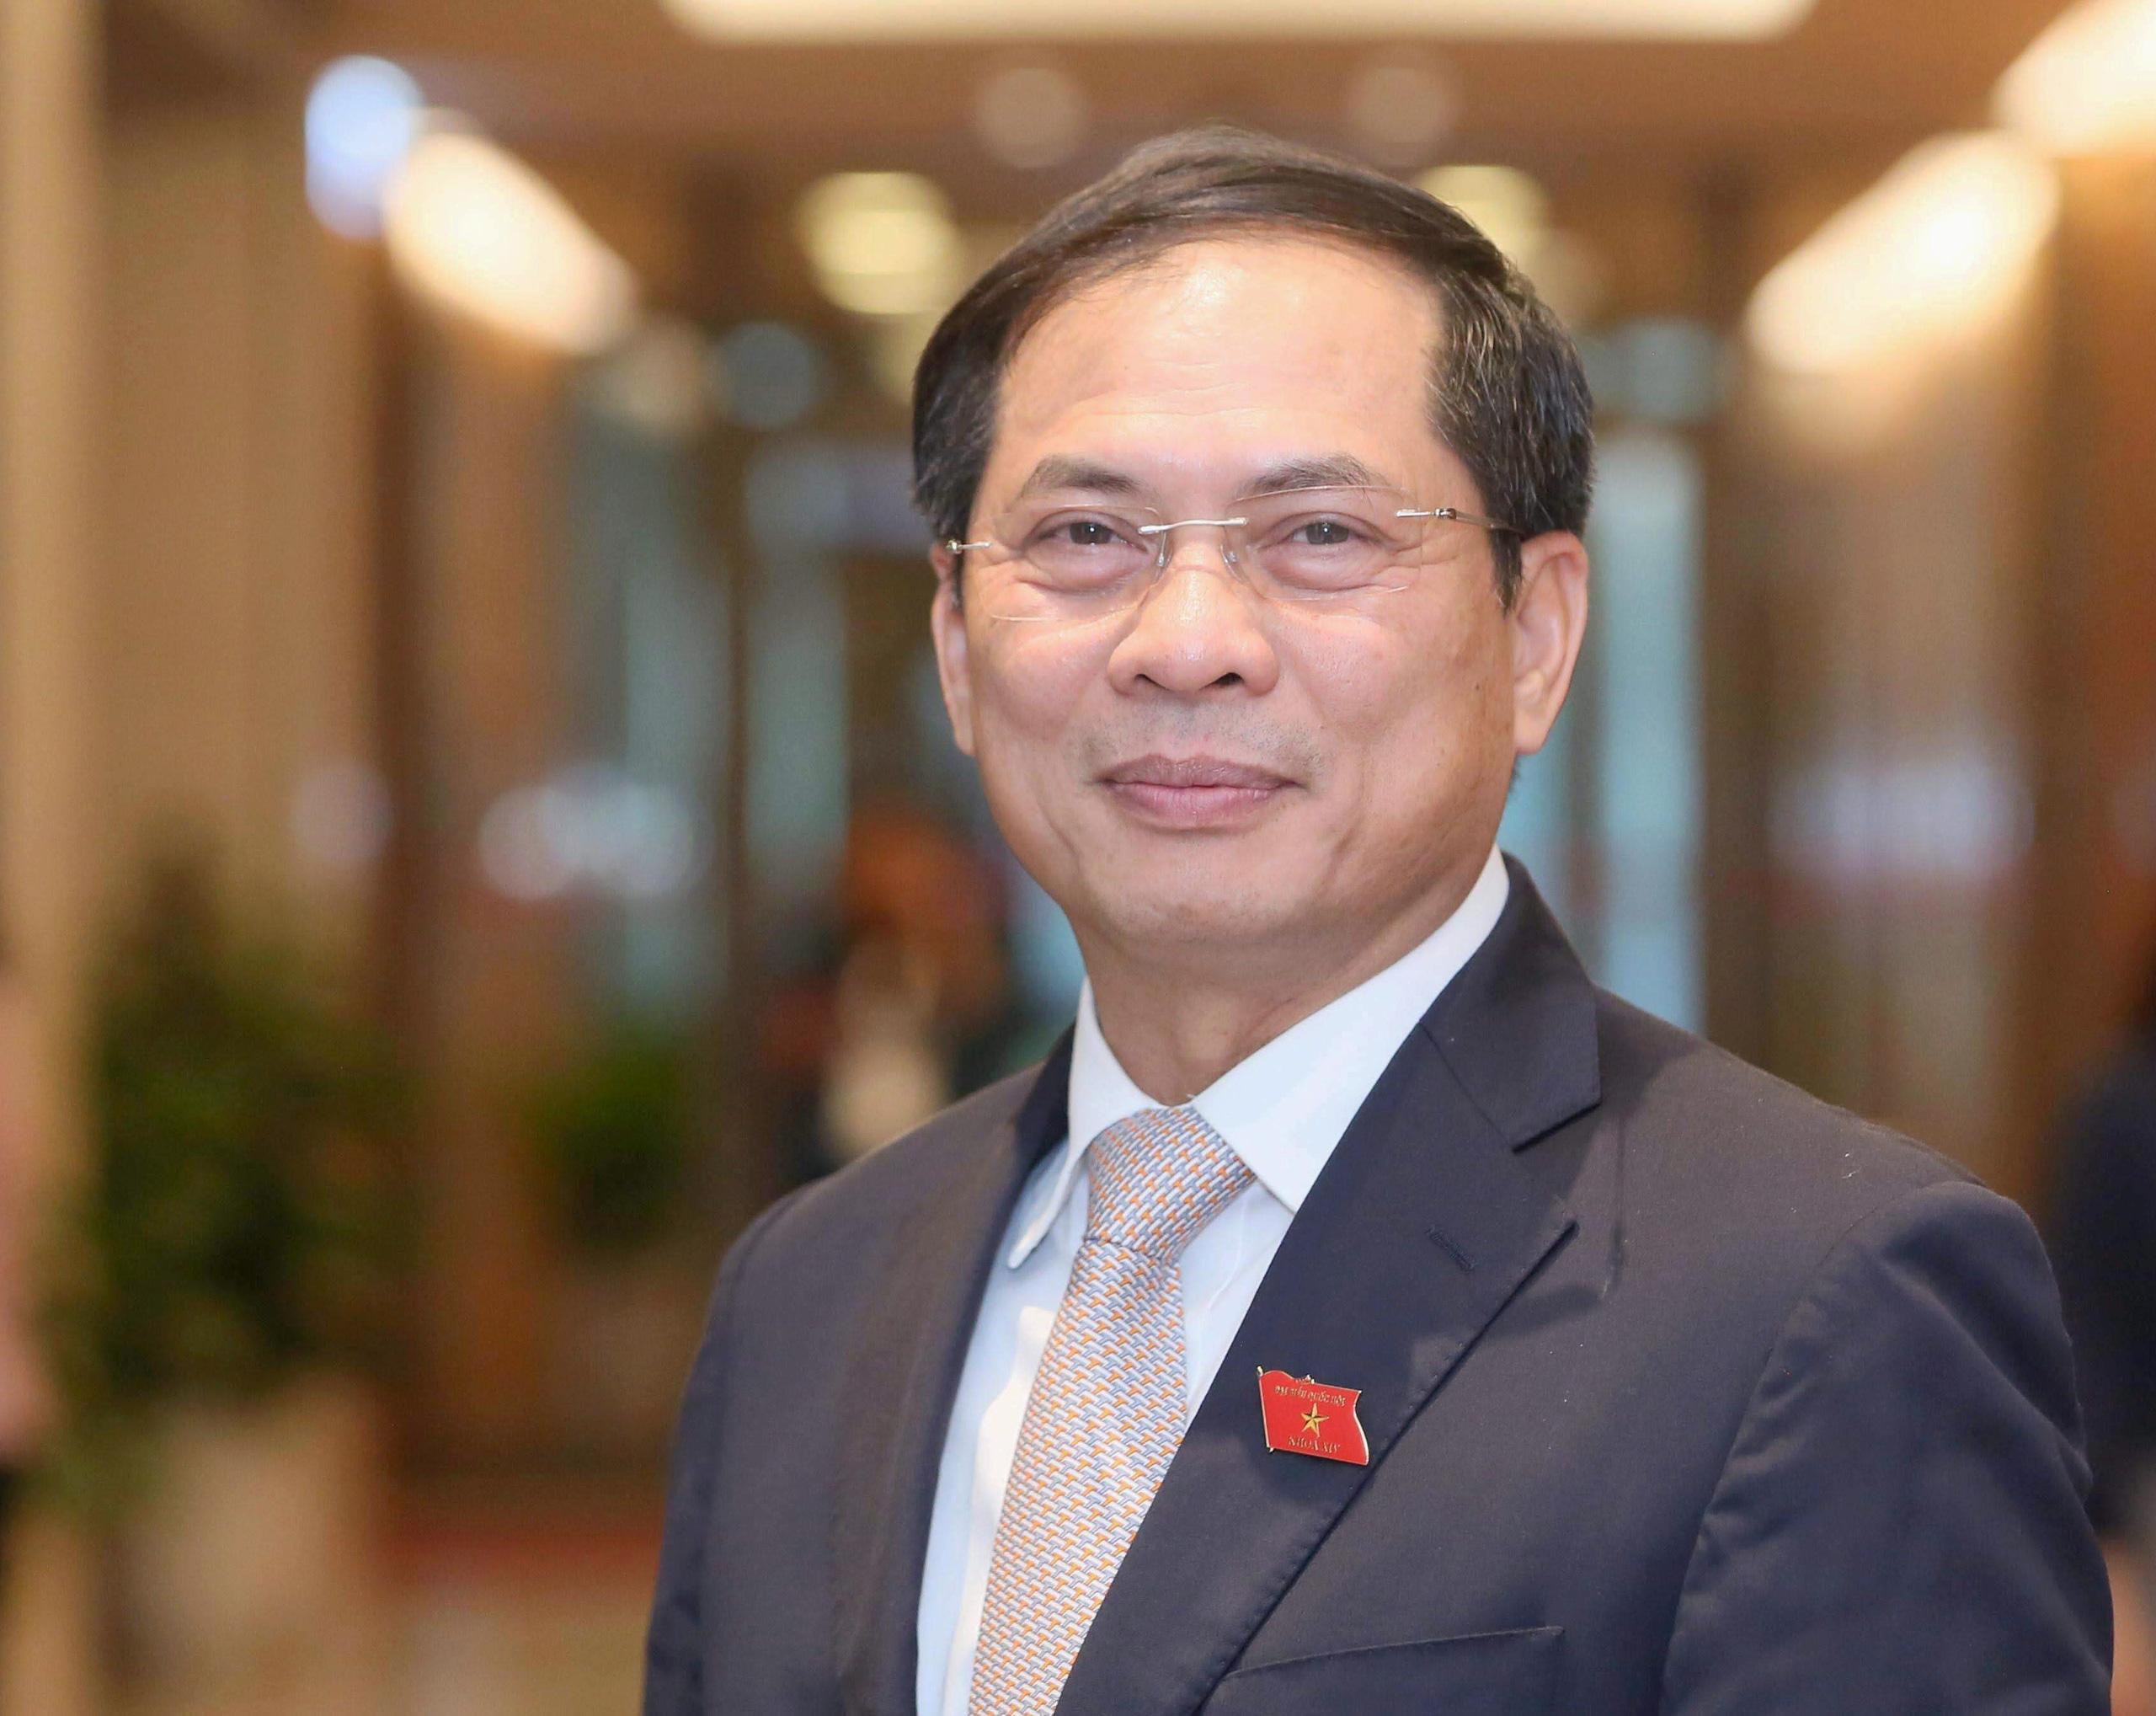 Trình phê chuẩn bổ nhiệm 12 bộ trưởng, trưởng ngành - Ảnh 3.